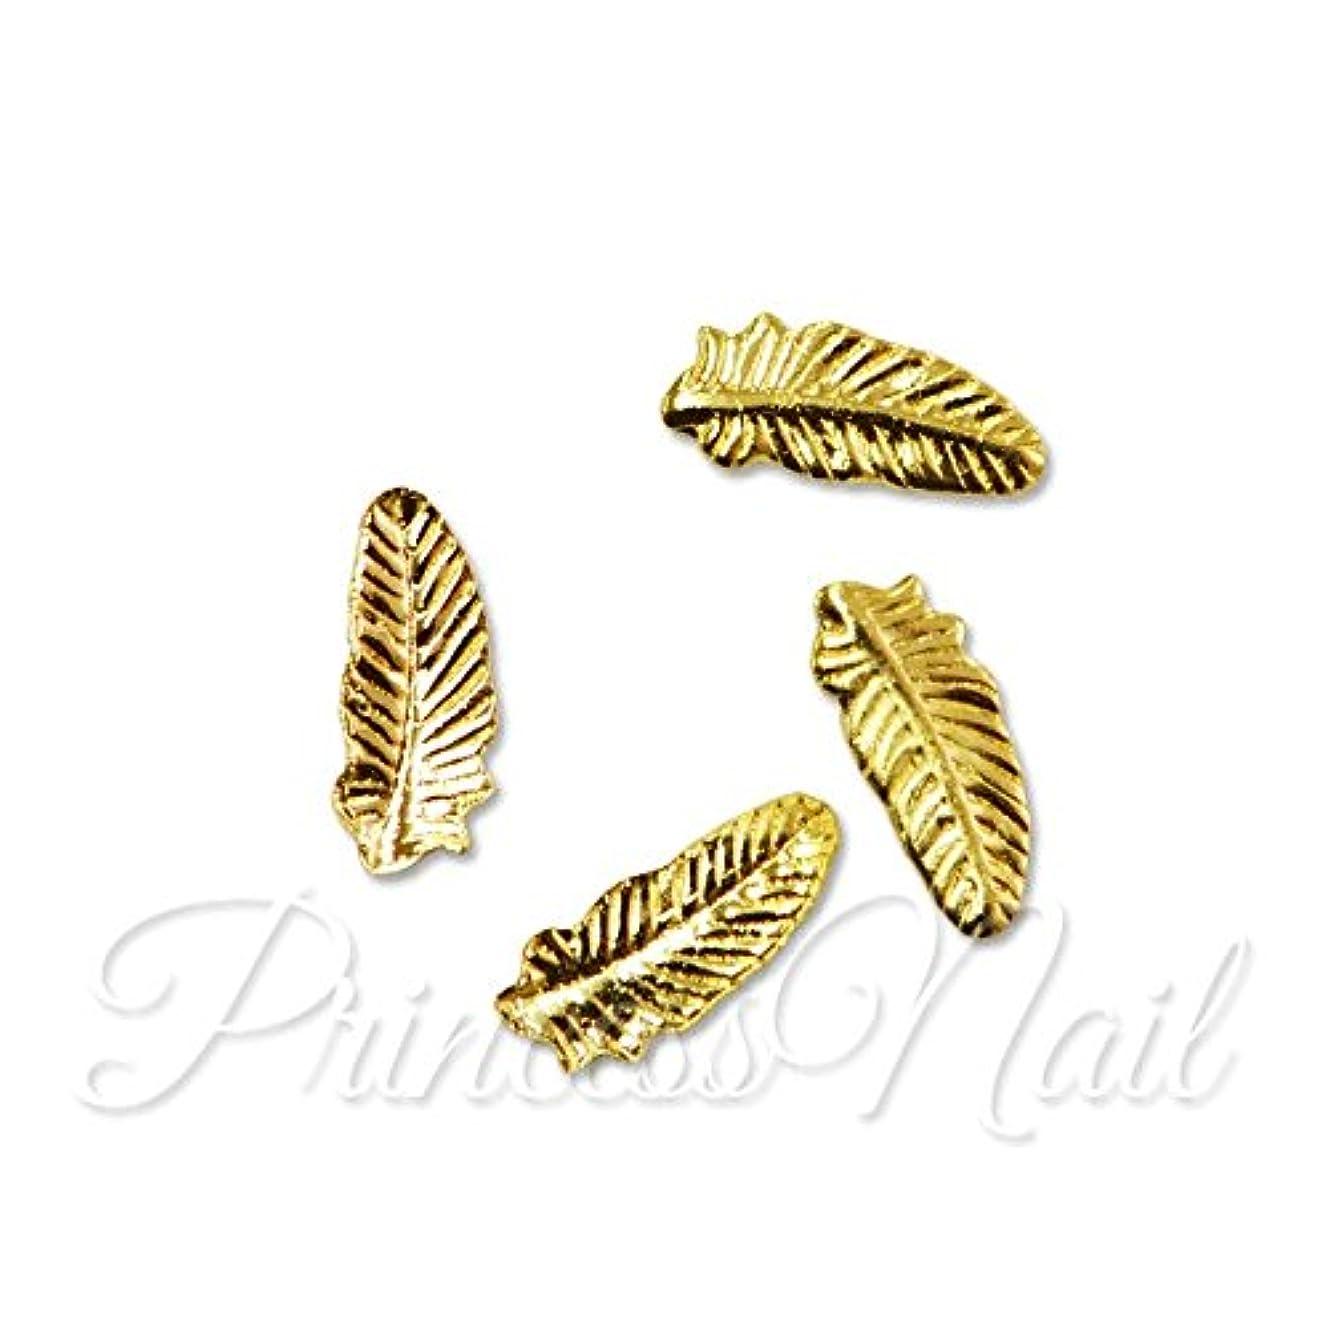 ドリルお嬢電話するメタルパーツ 鳥の羽 M feather ゴールド 3mm×7mm:4個入り MP0009